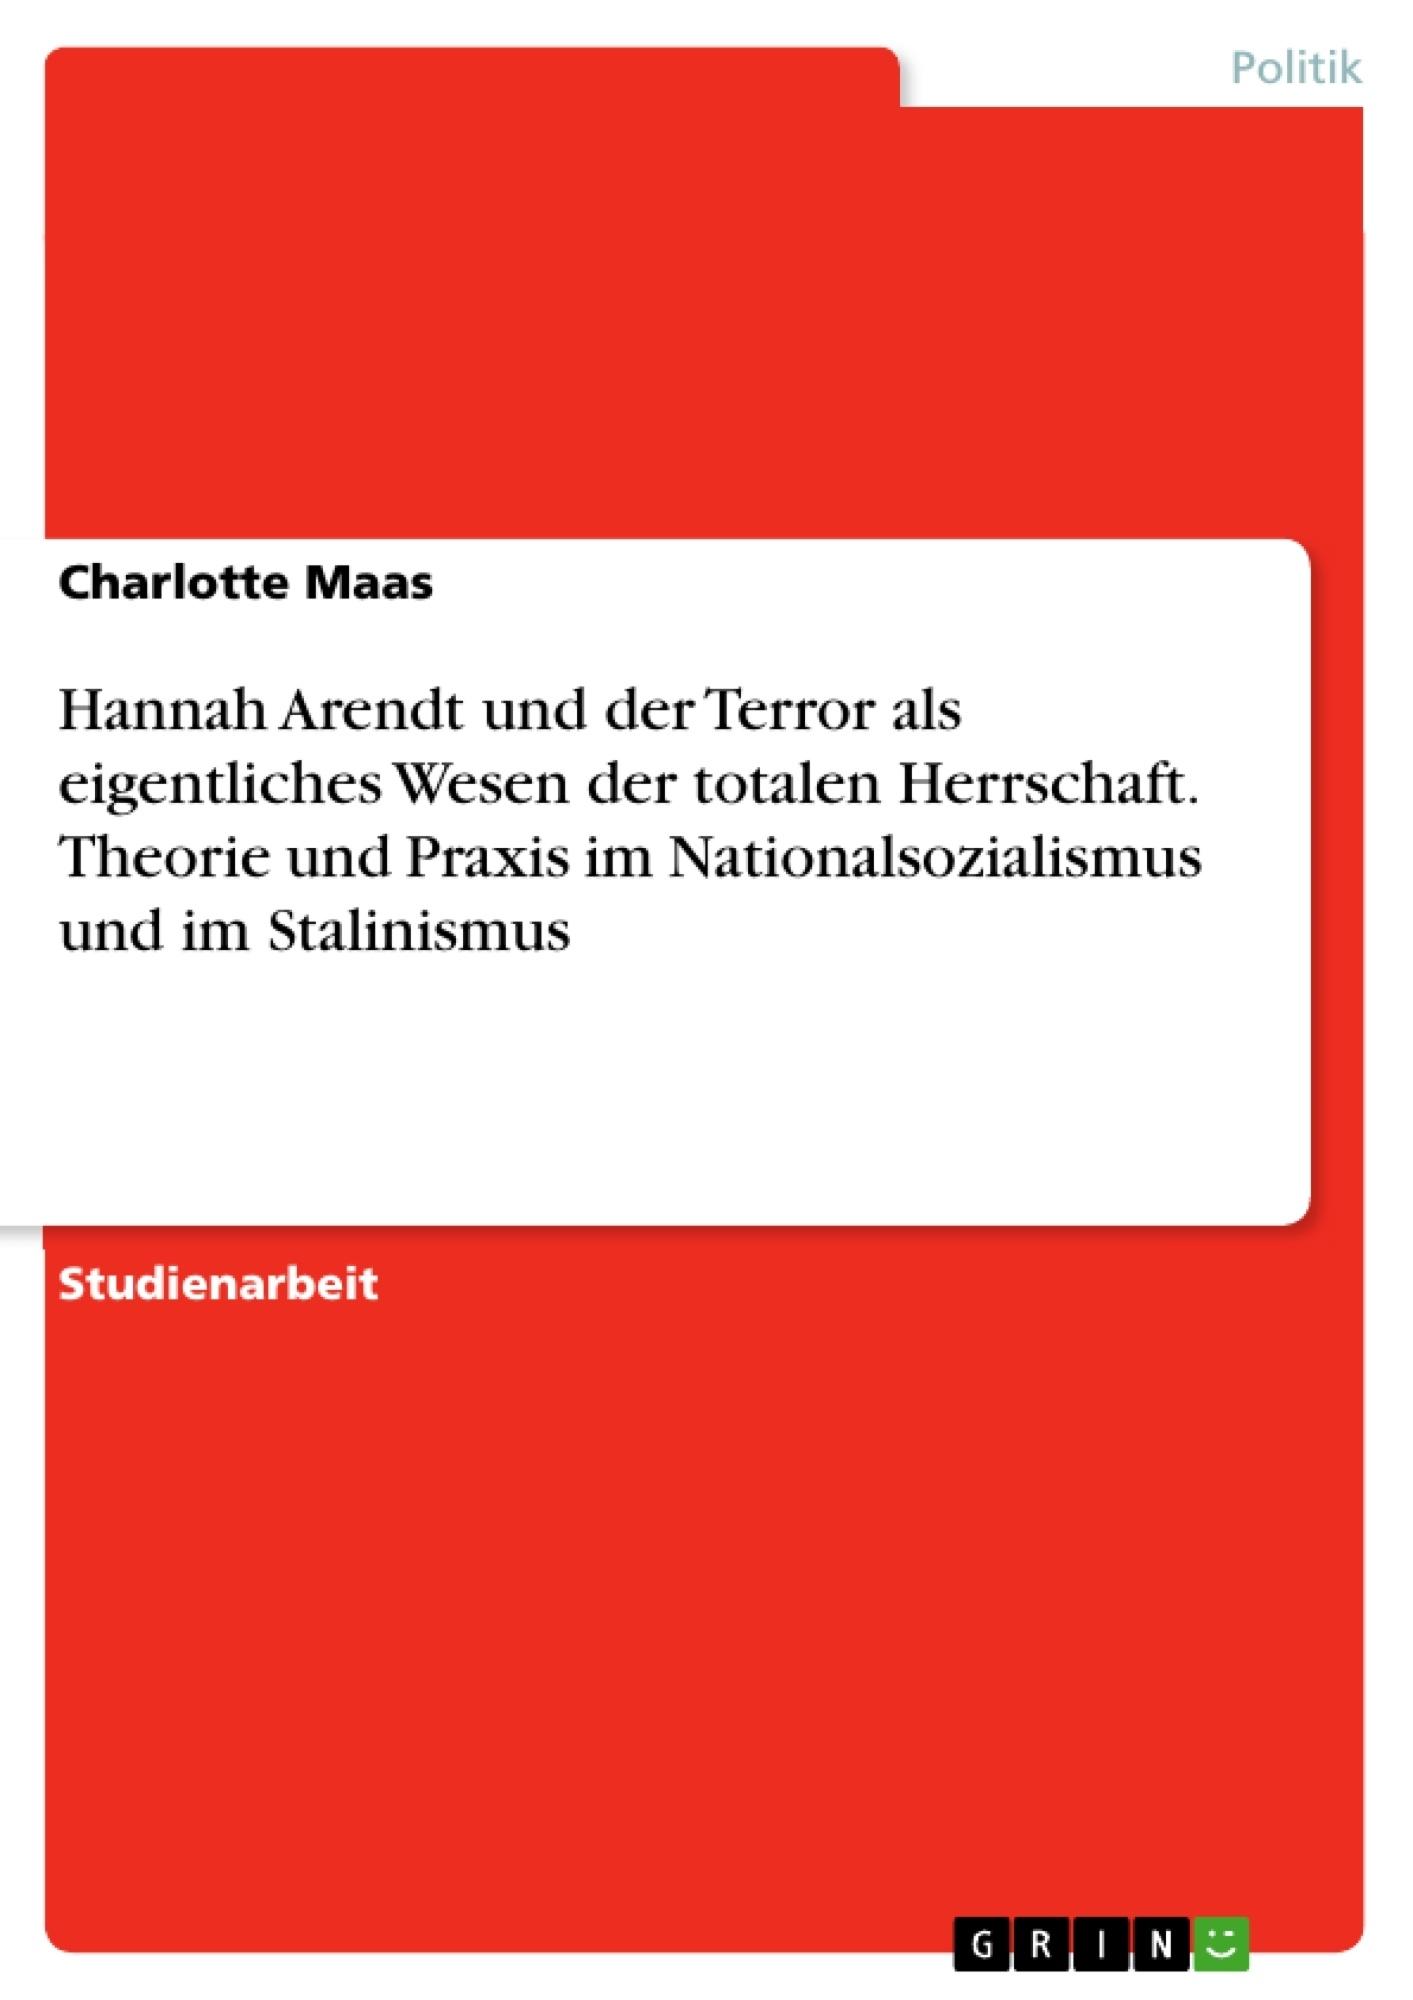 Titel: Hannah Arendt und der Terror als eigentliches Wesen der totalen Herrschaft. Theorie und Praxis im Nationalsozialismus und im Stalinismus